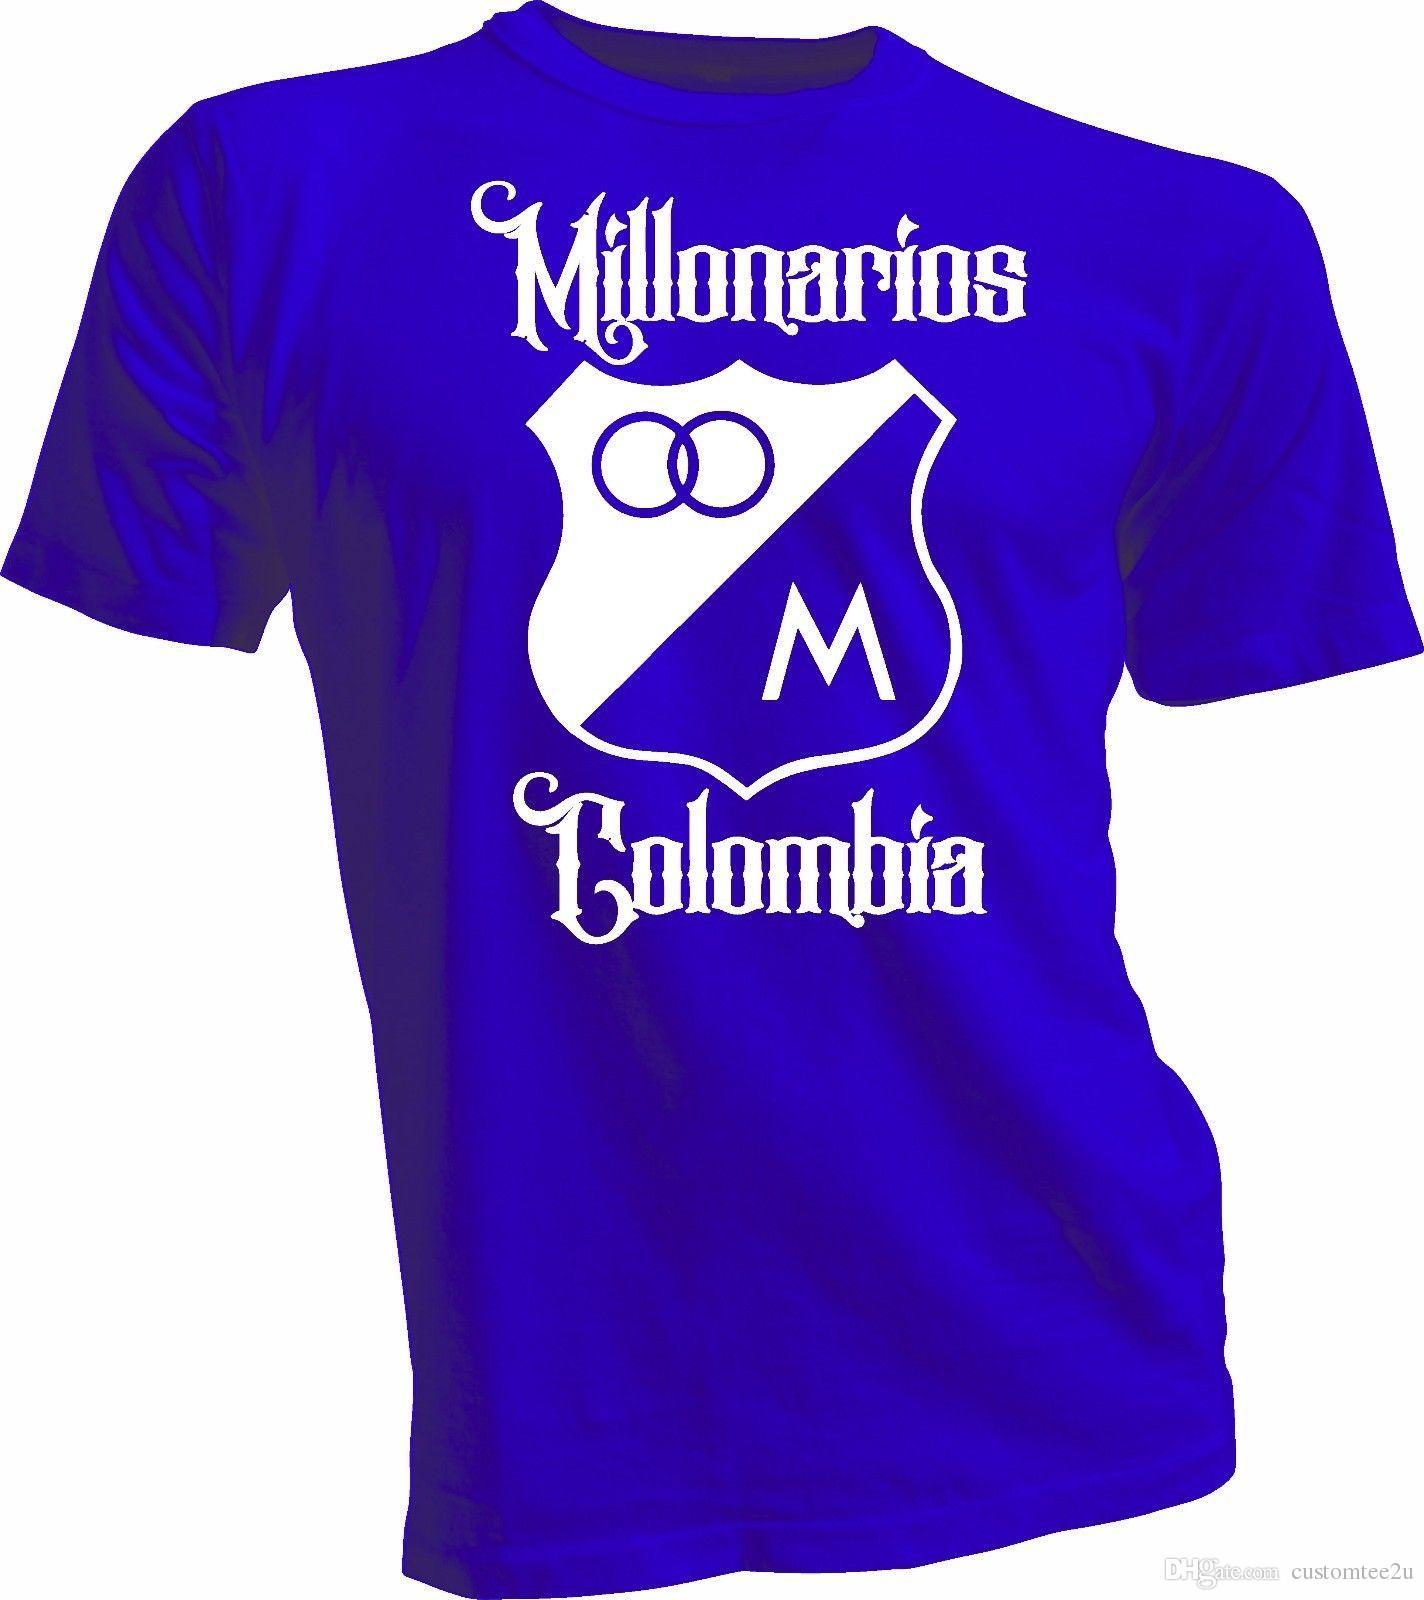 098851c0e5793 Compre Millonarios Futbol Club Colombia Camiseta De Fútbol Camiseta  Postobon Millos Jersey Camiseta Para Hombre Diseñador En Línea De Manga  Corta ...